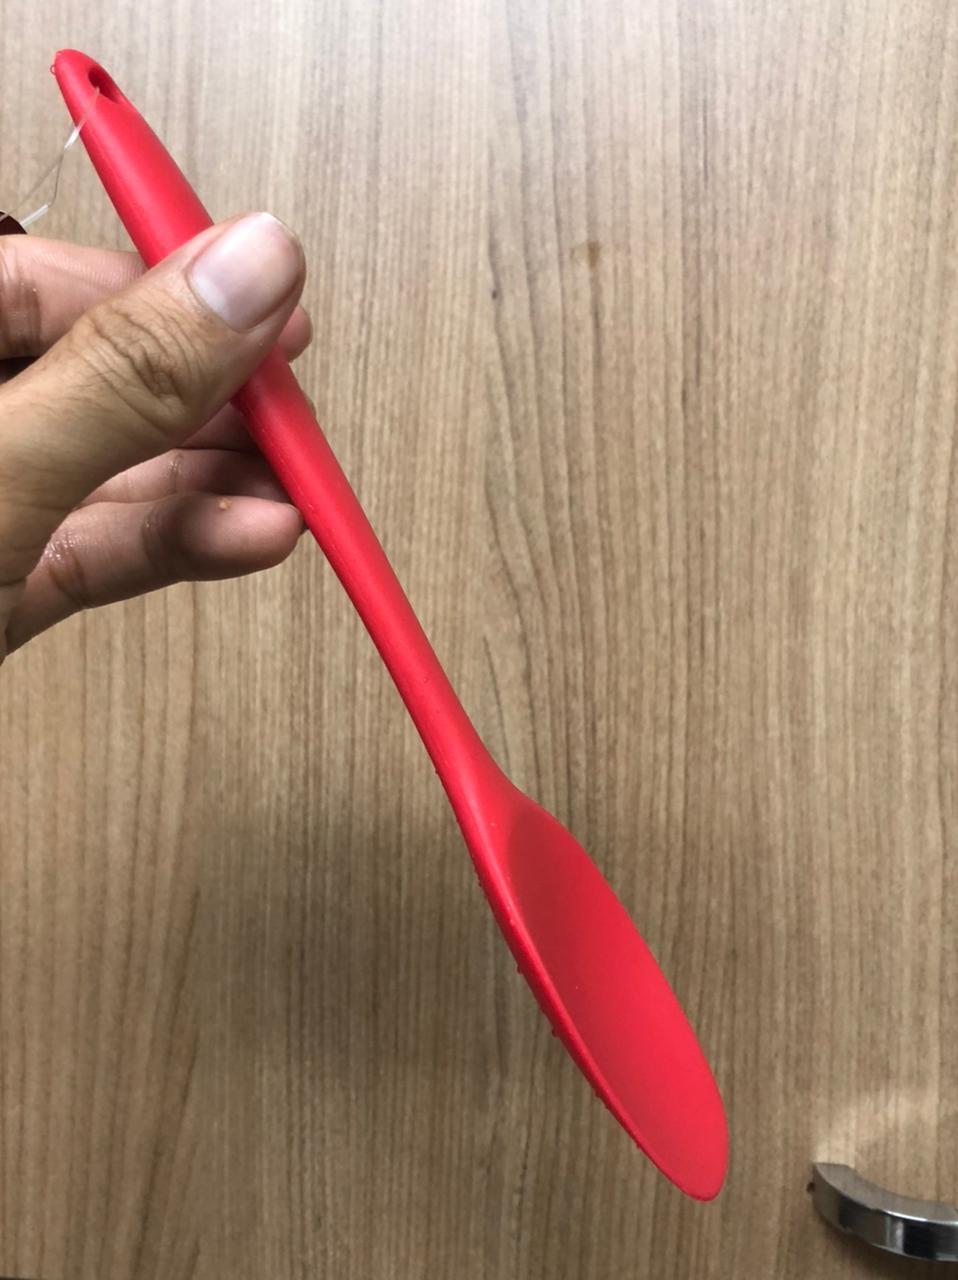 Colher de silicone para cozinha raspadora arroz vermelha alta qualidade 21cm